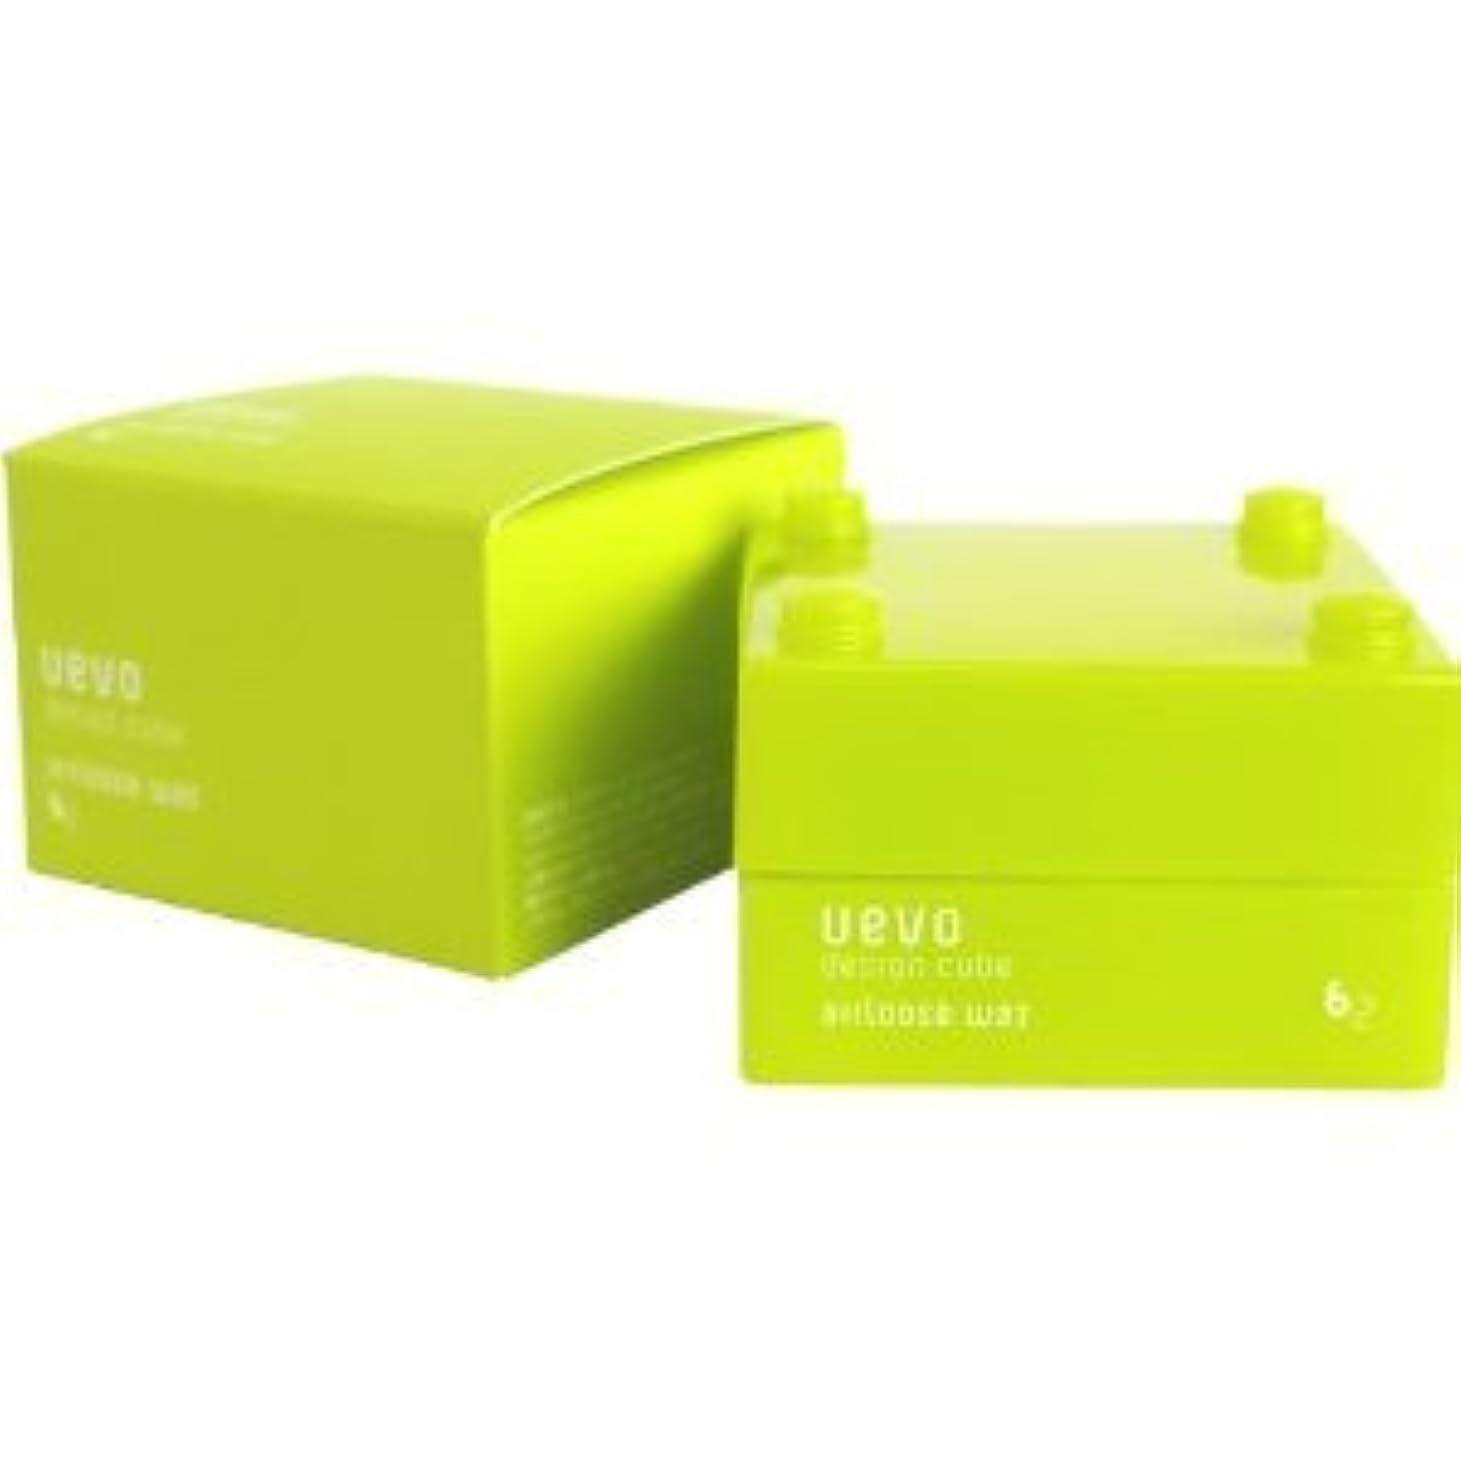 擬人化フルーティー慢【X3個セット】 デミ ウェーボ デザインキューブ エアルーズワックス 30g airloose wax DEMI uevo design cube